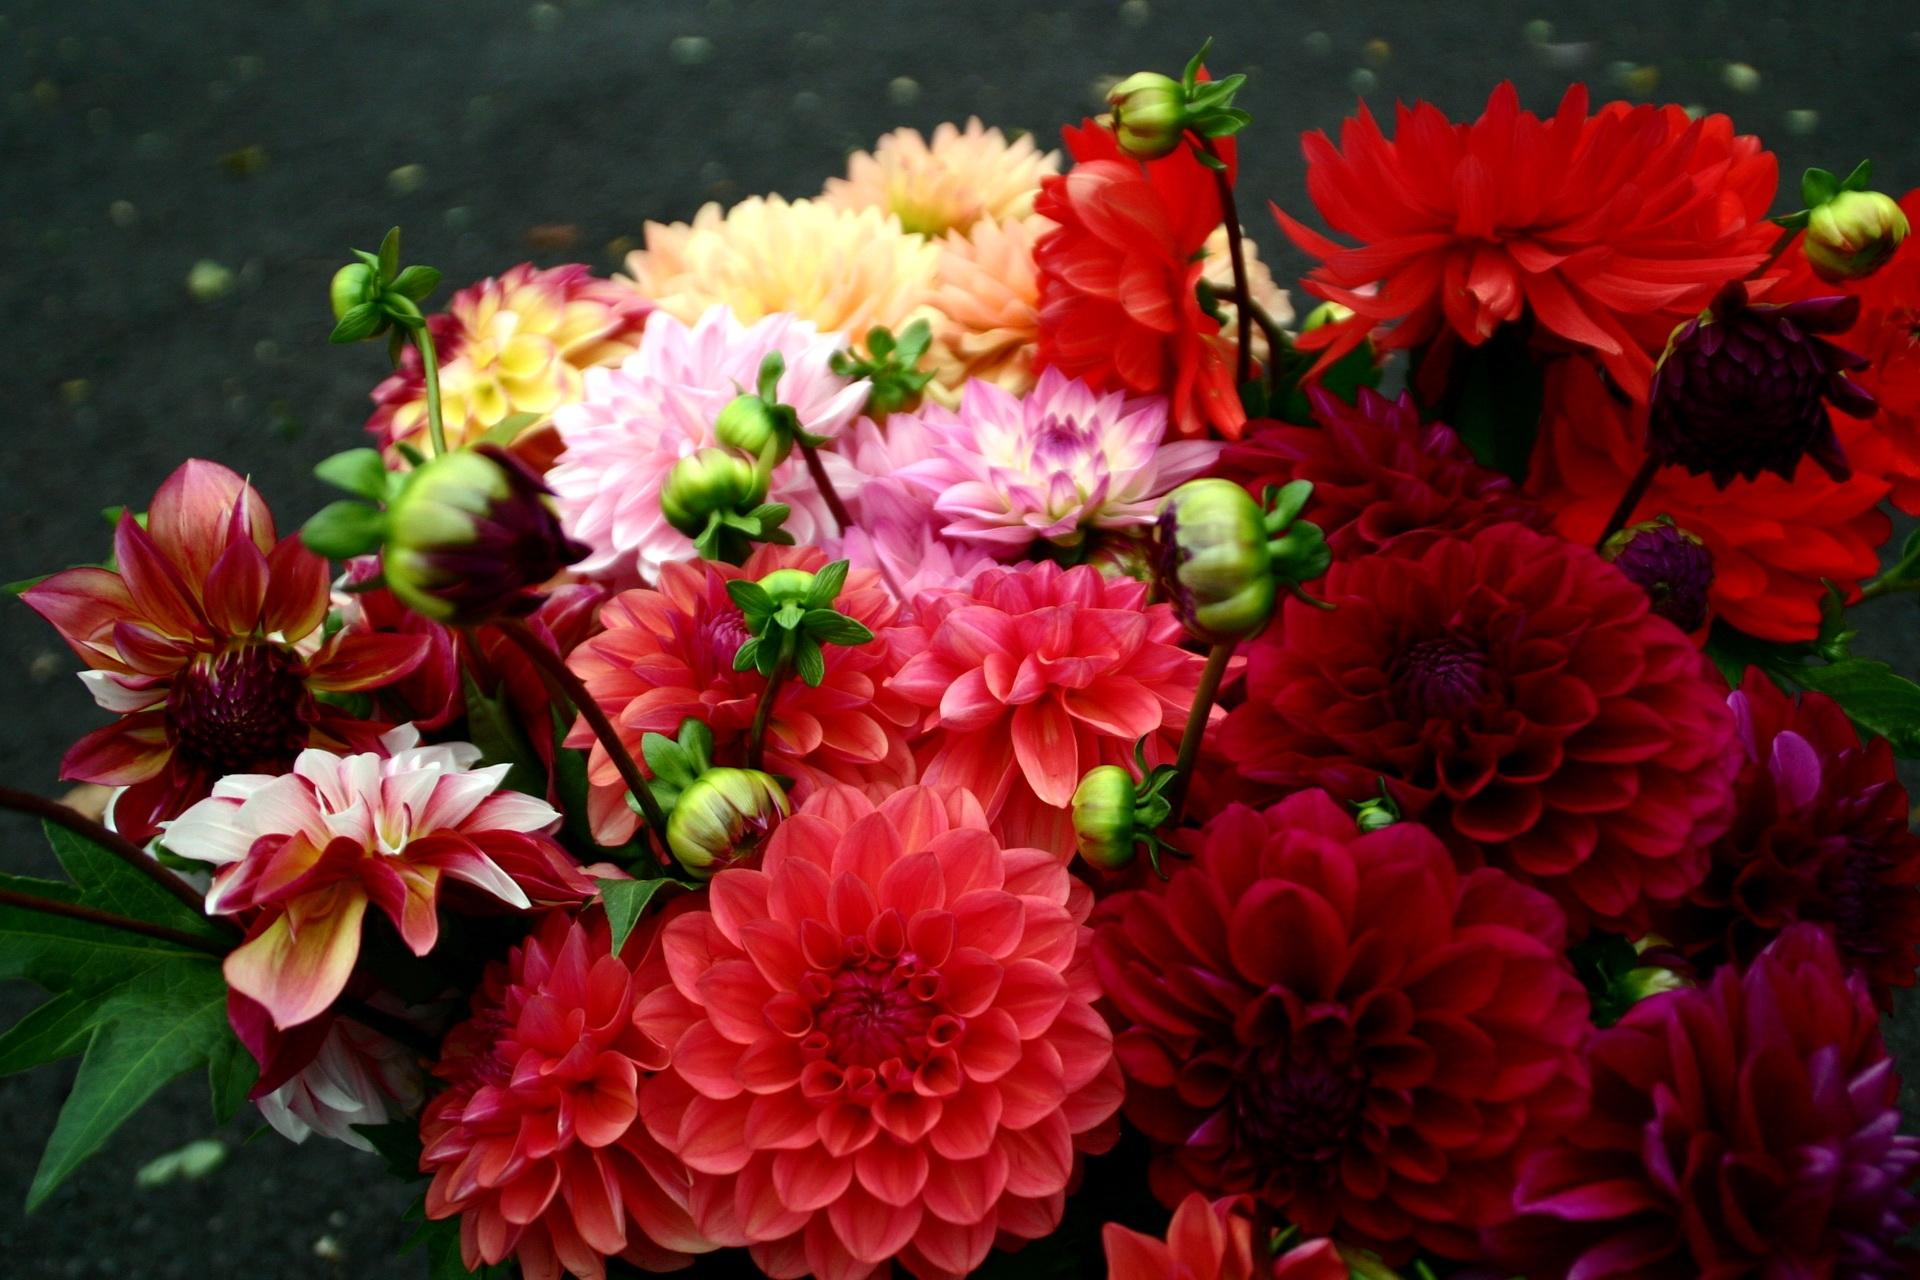 109307 免費下載壁紙 花卉, 大丽花, 圣乔治, 明亮的, 明亮, 不同的, 不同, 花束 屏保和圖片